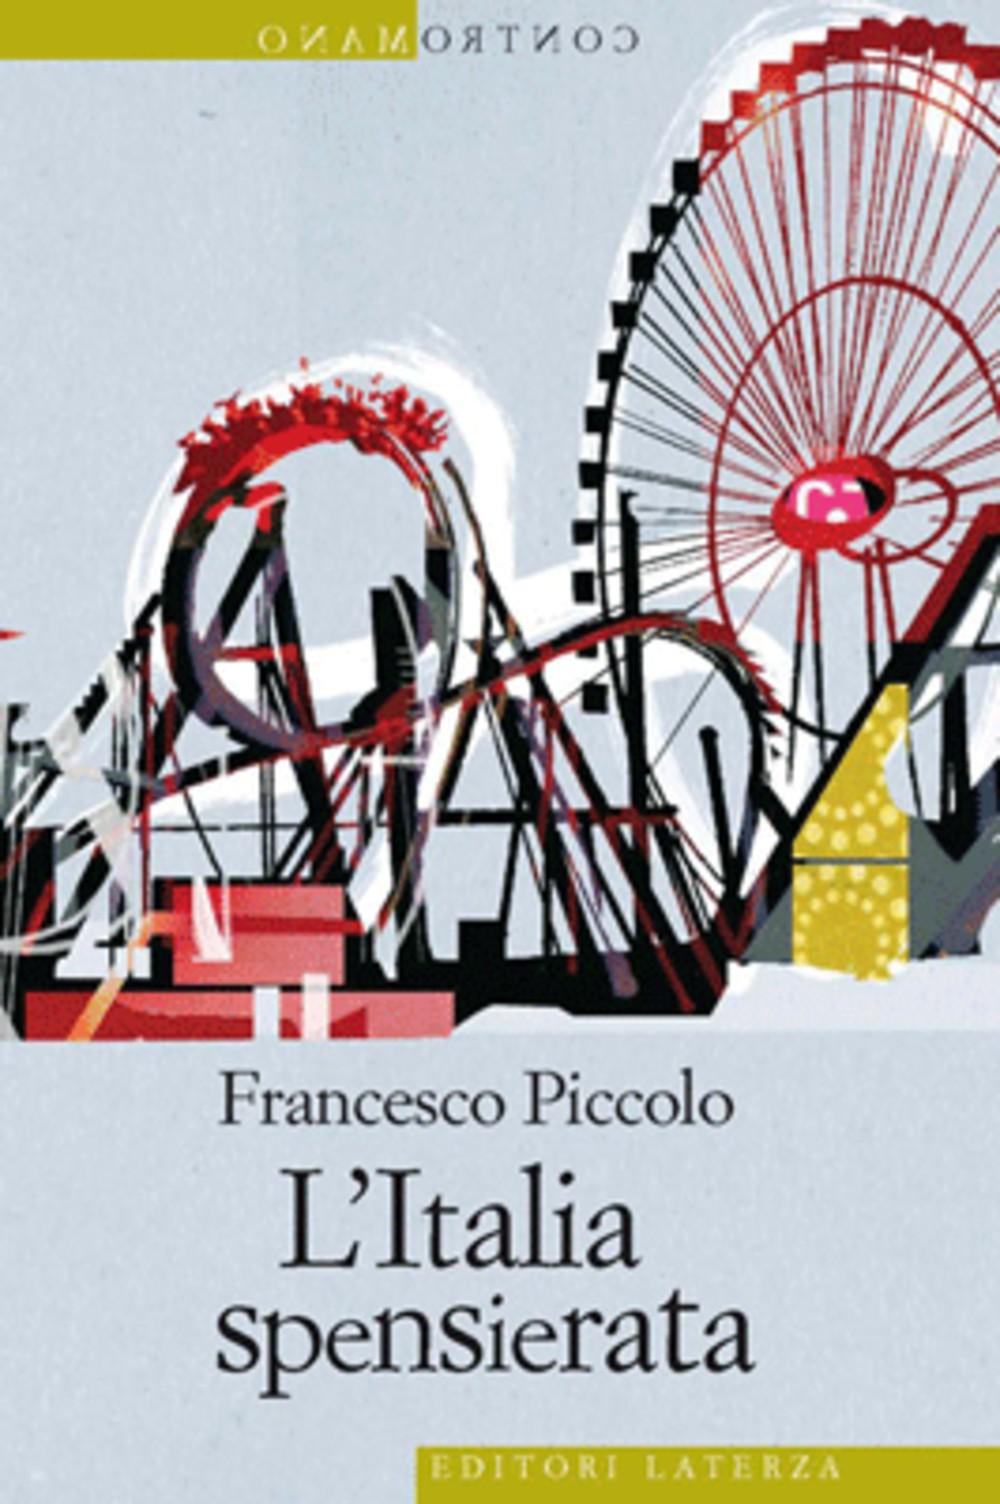 L'Italia spensierata